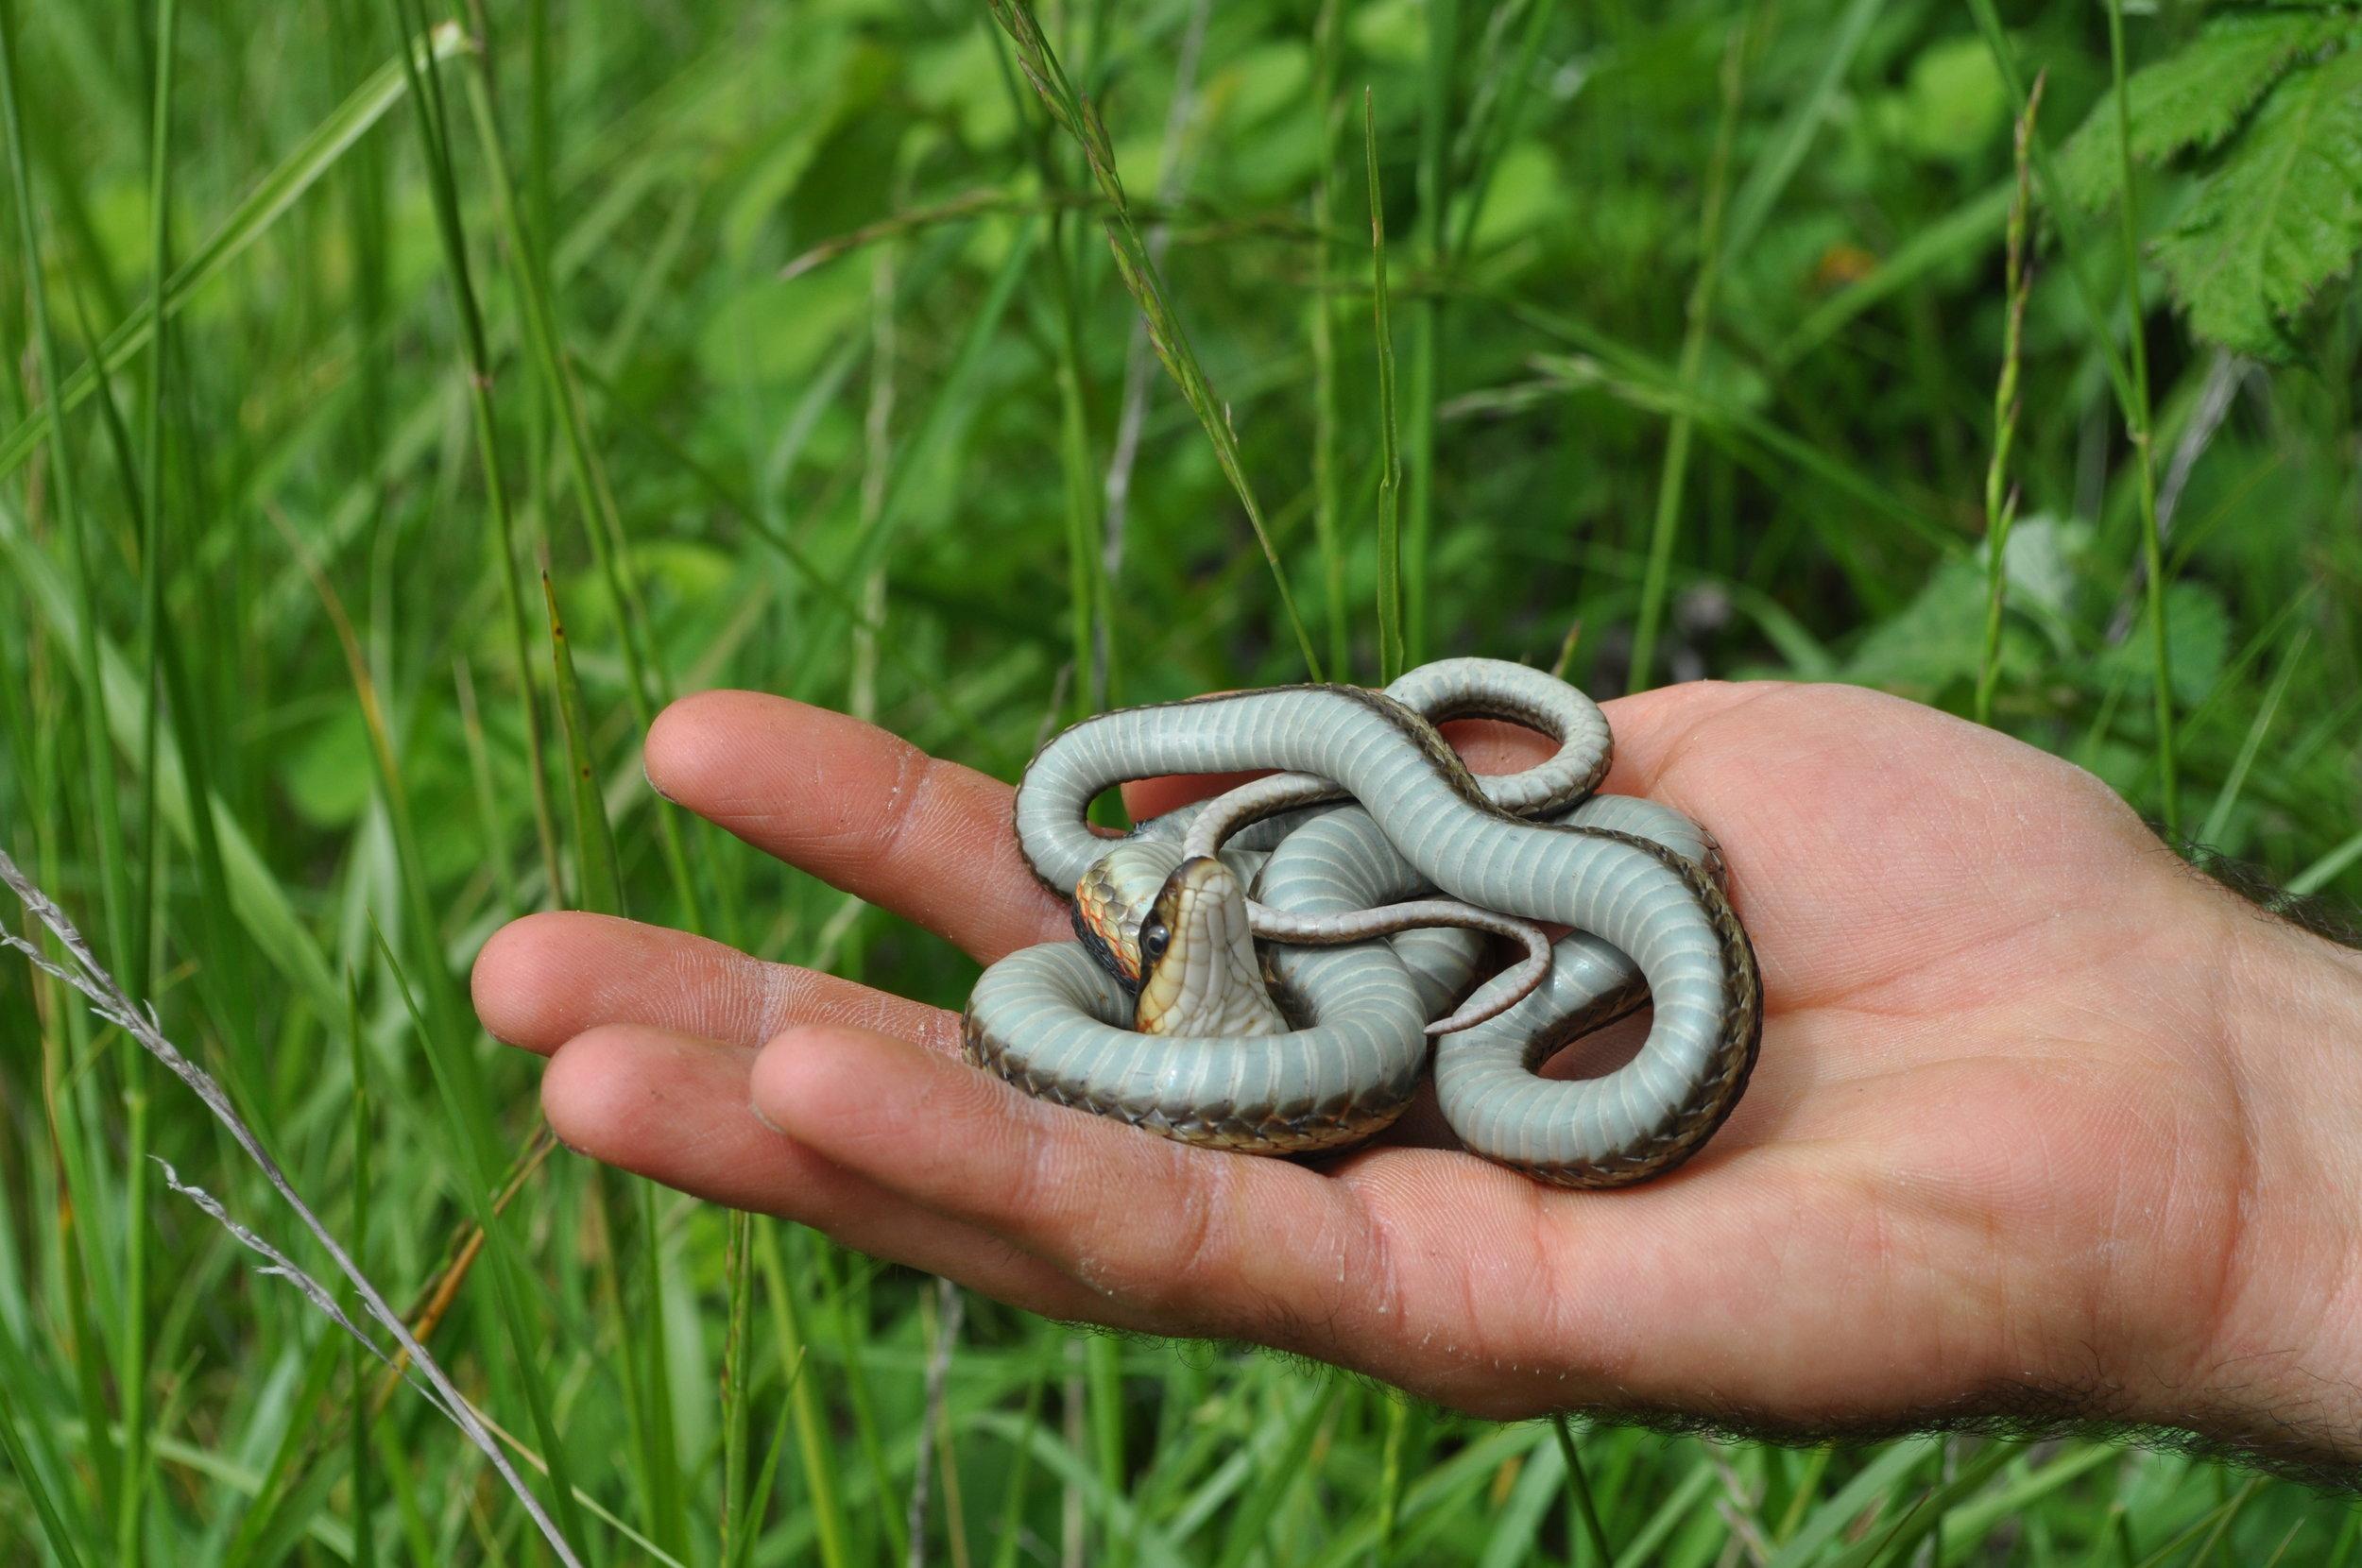 Mountain Garter Snake photo by Peter Kleinhenz